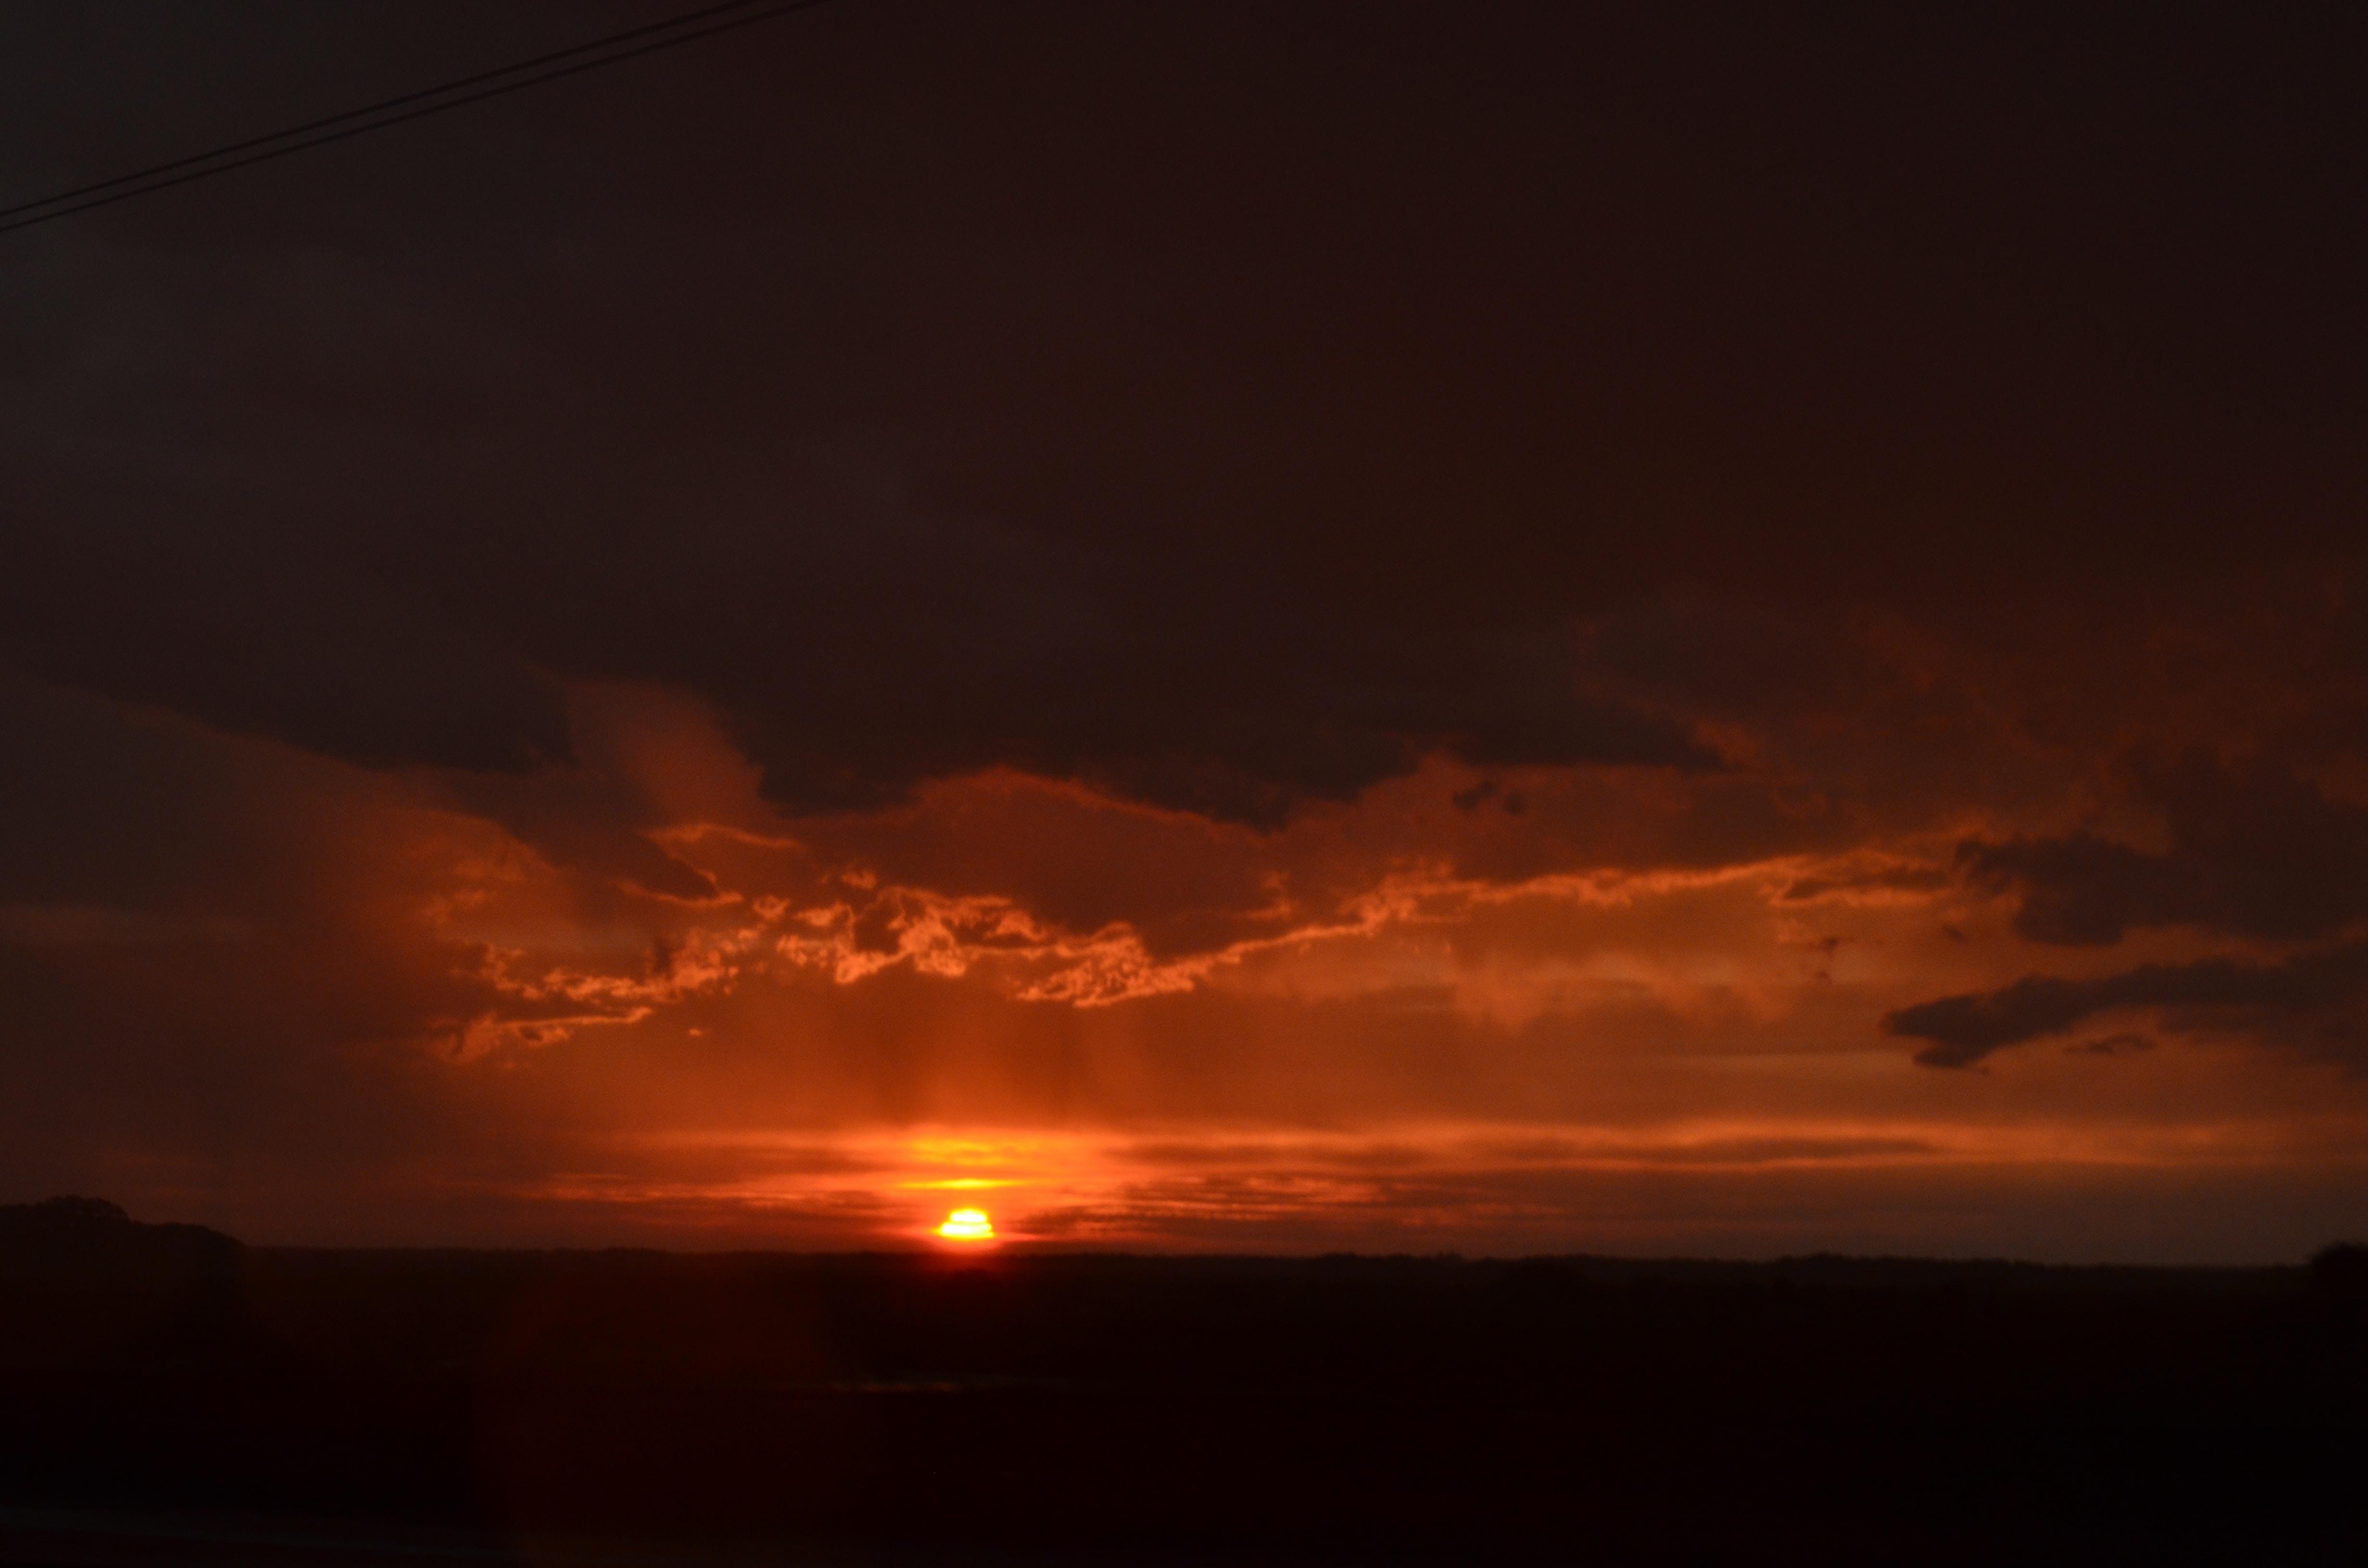 golden hour photograophy